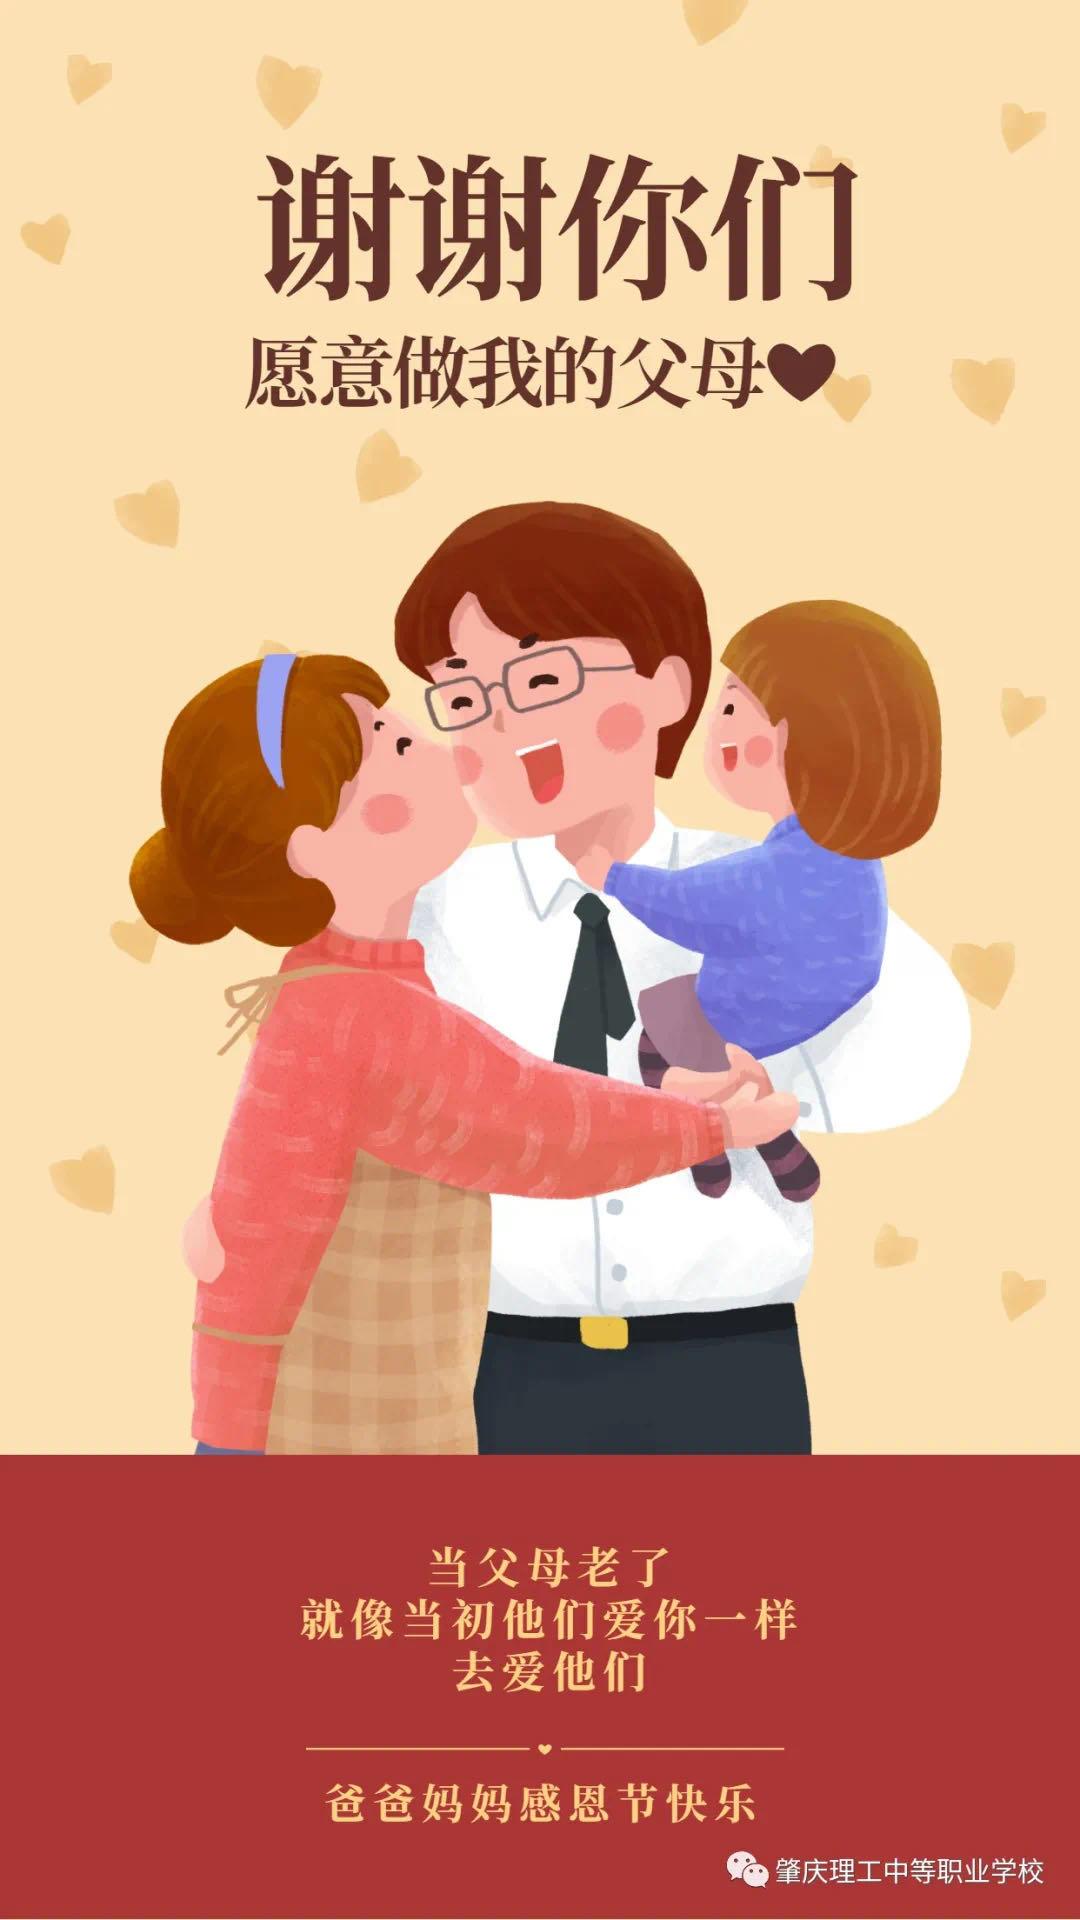 【節日祝福】這個感恩節  讓父母聽見我們心中的感謝